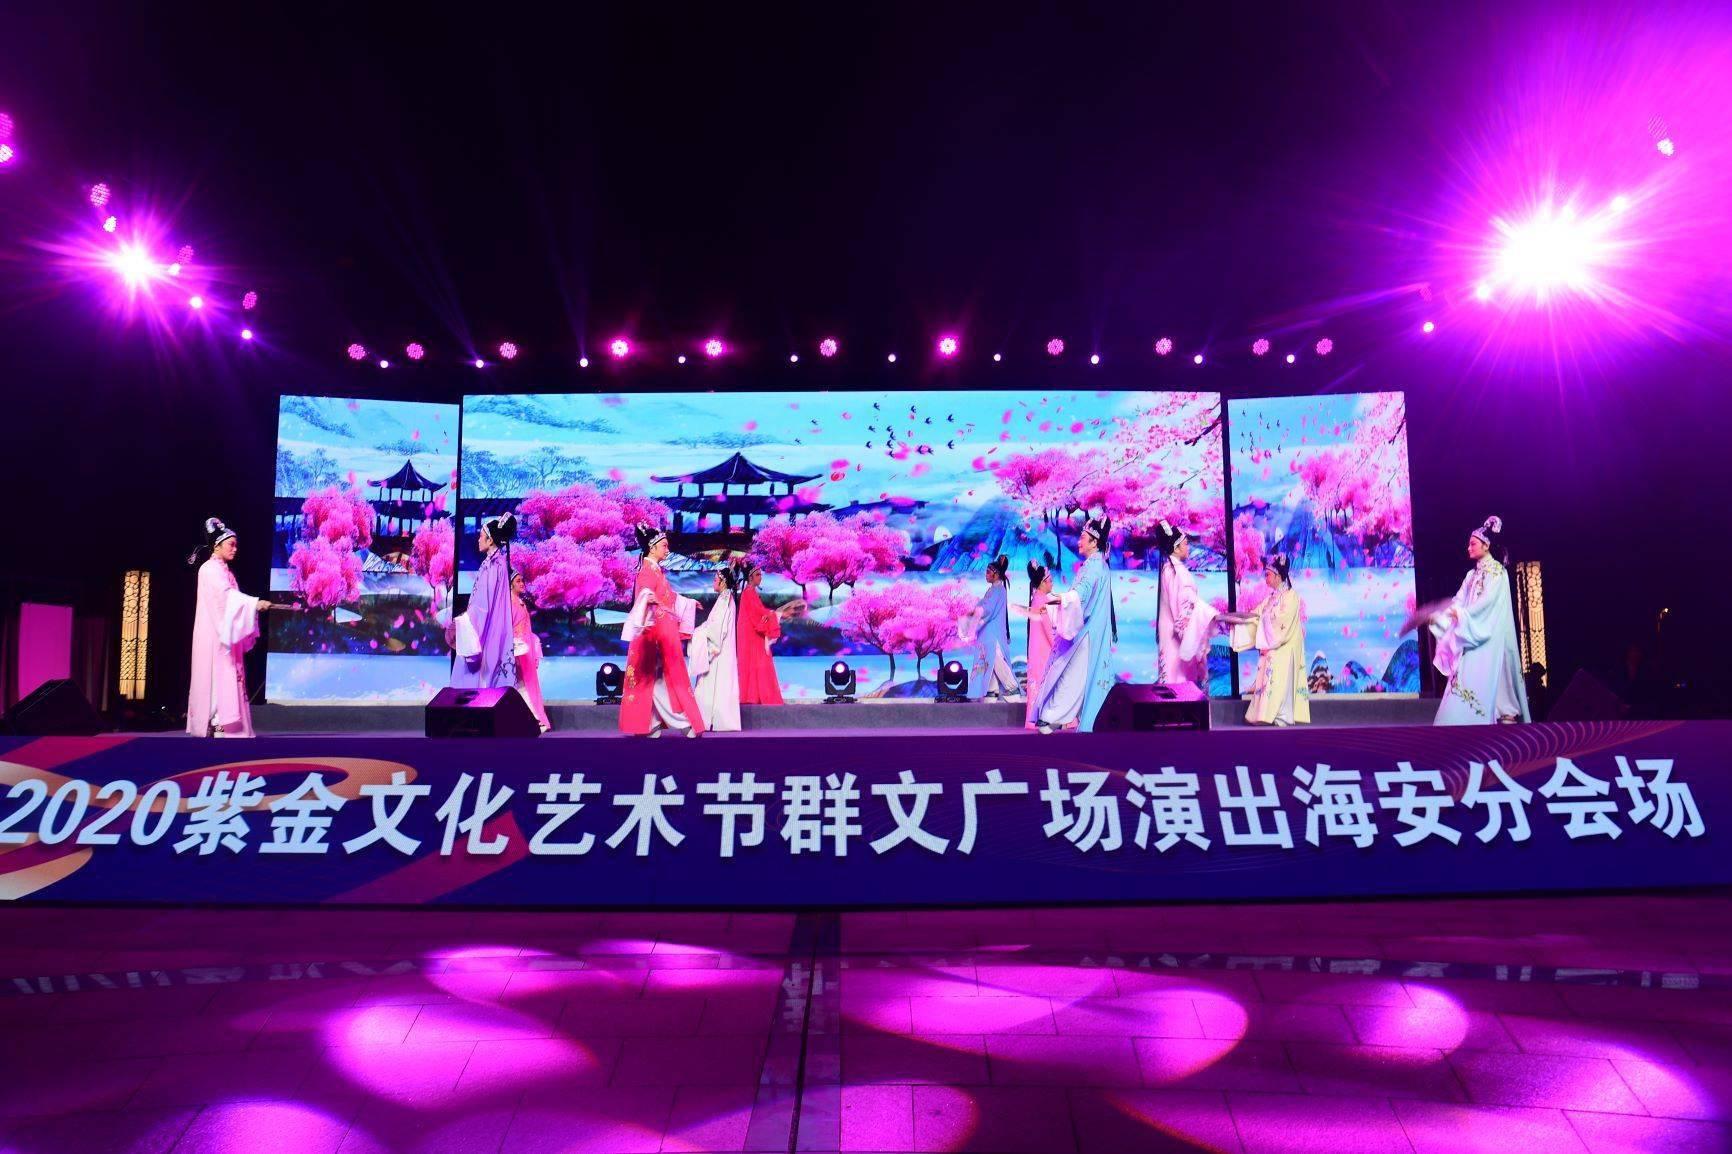 海安:共圆小康梦,起舞幸福城